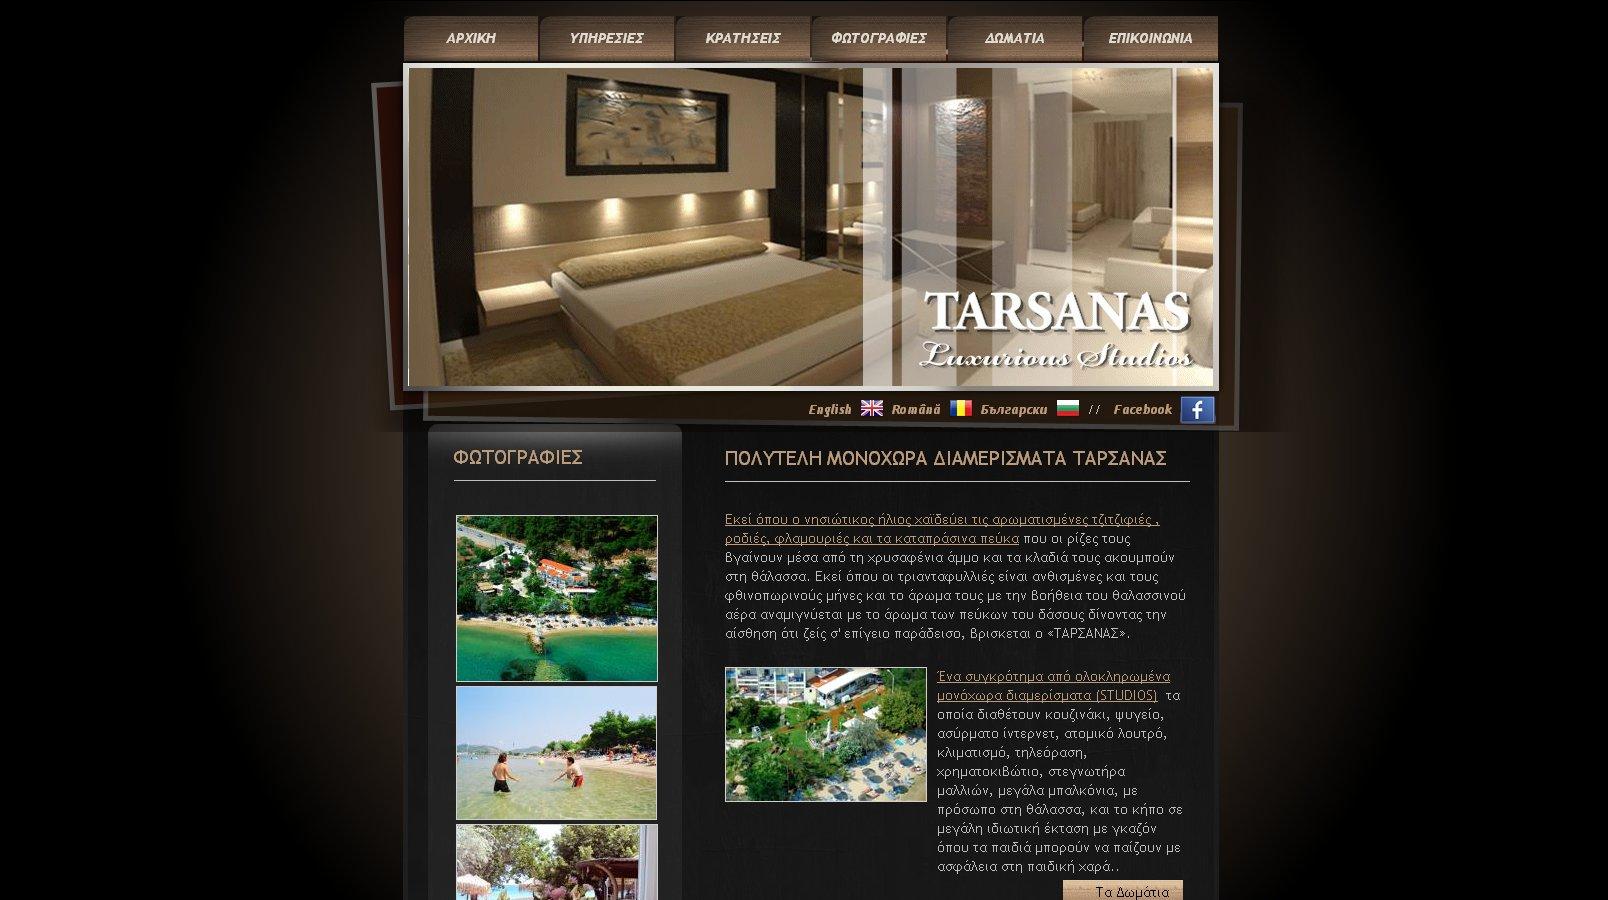 TARSANAS HOTEL old